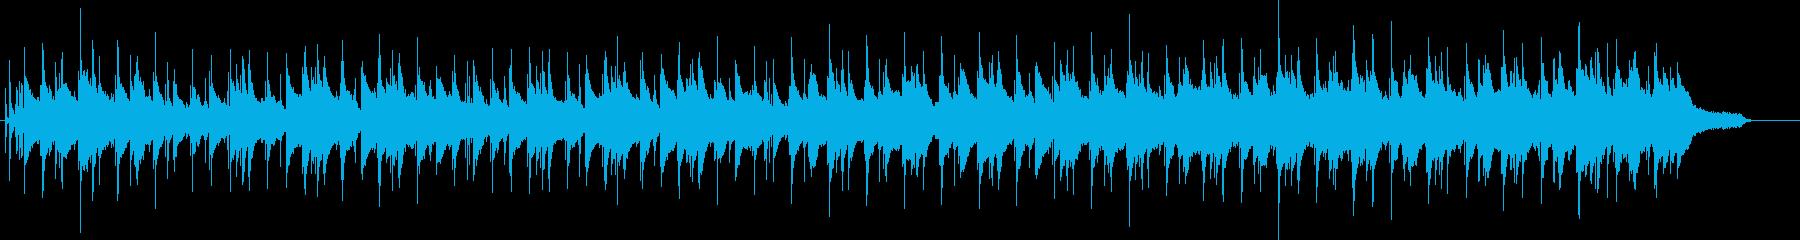 センチメンタル・ラブ・バラードの再生済みの波形